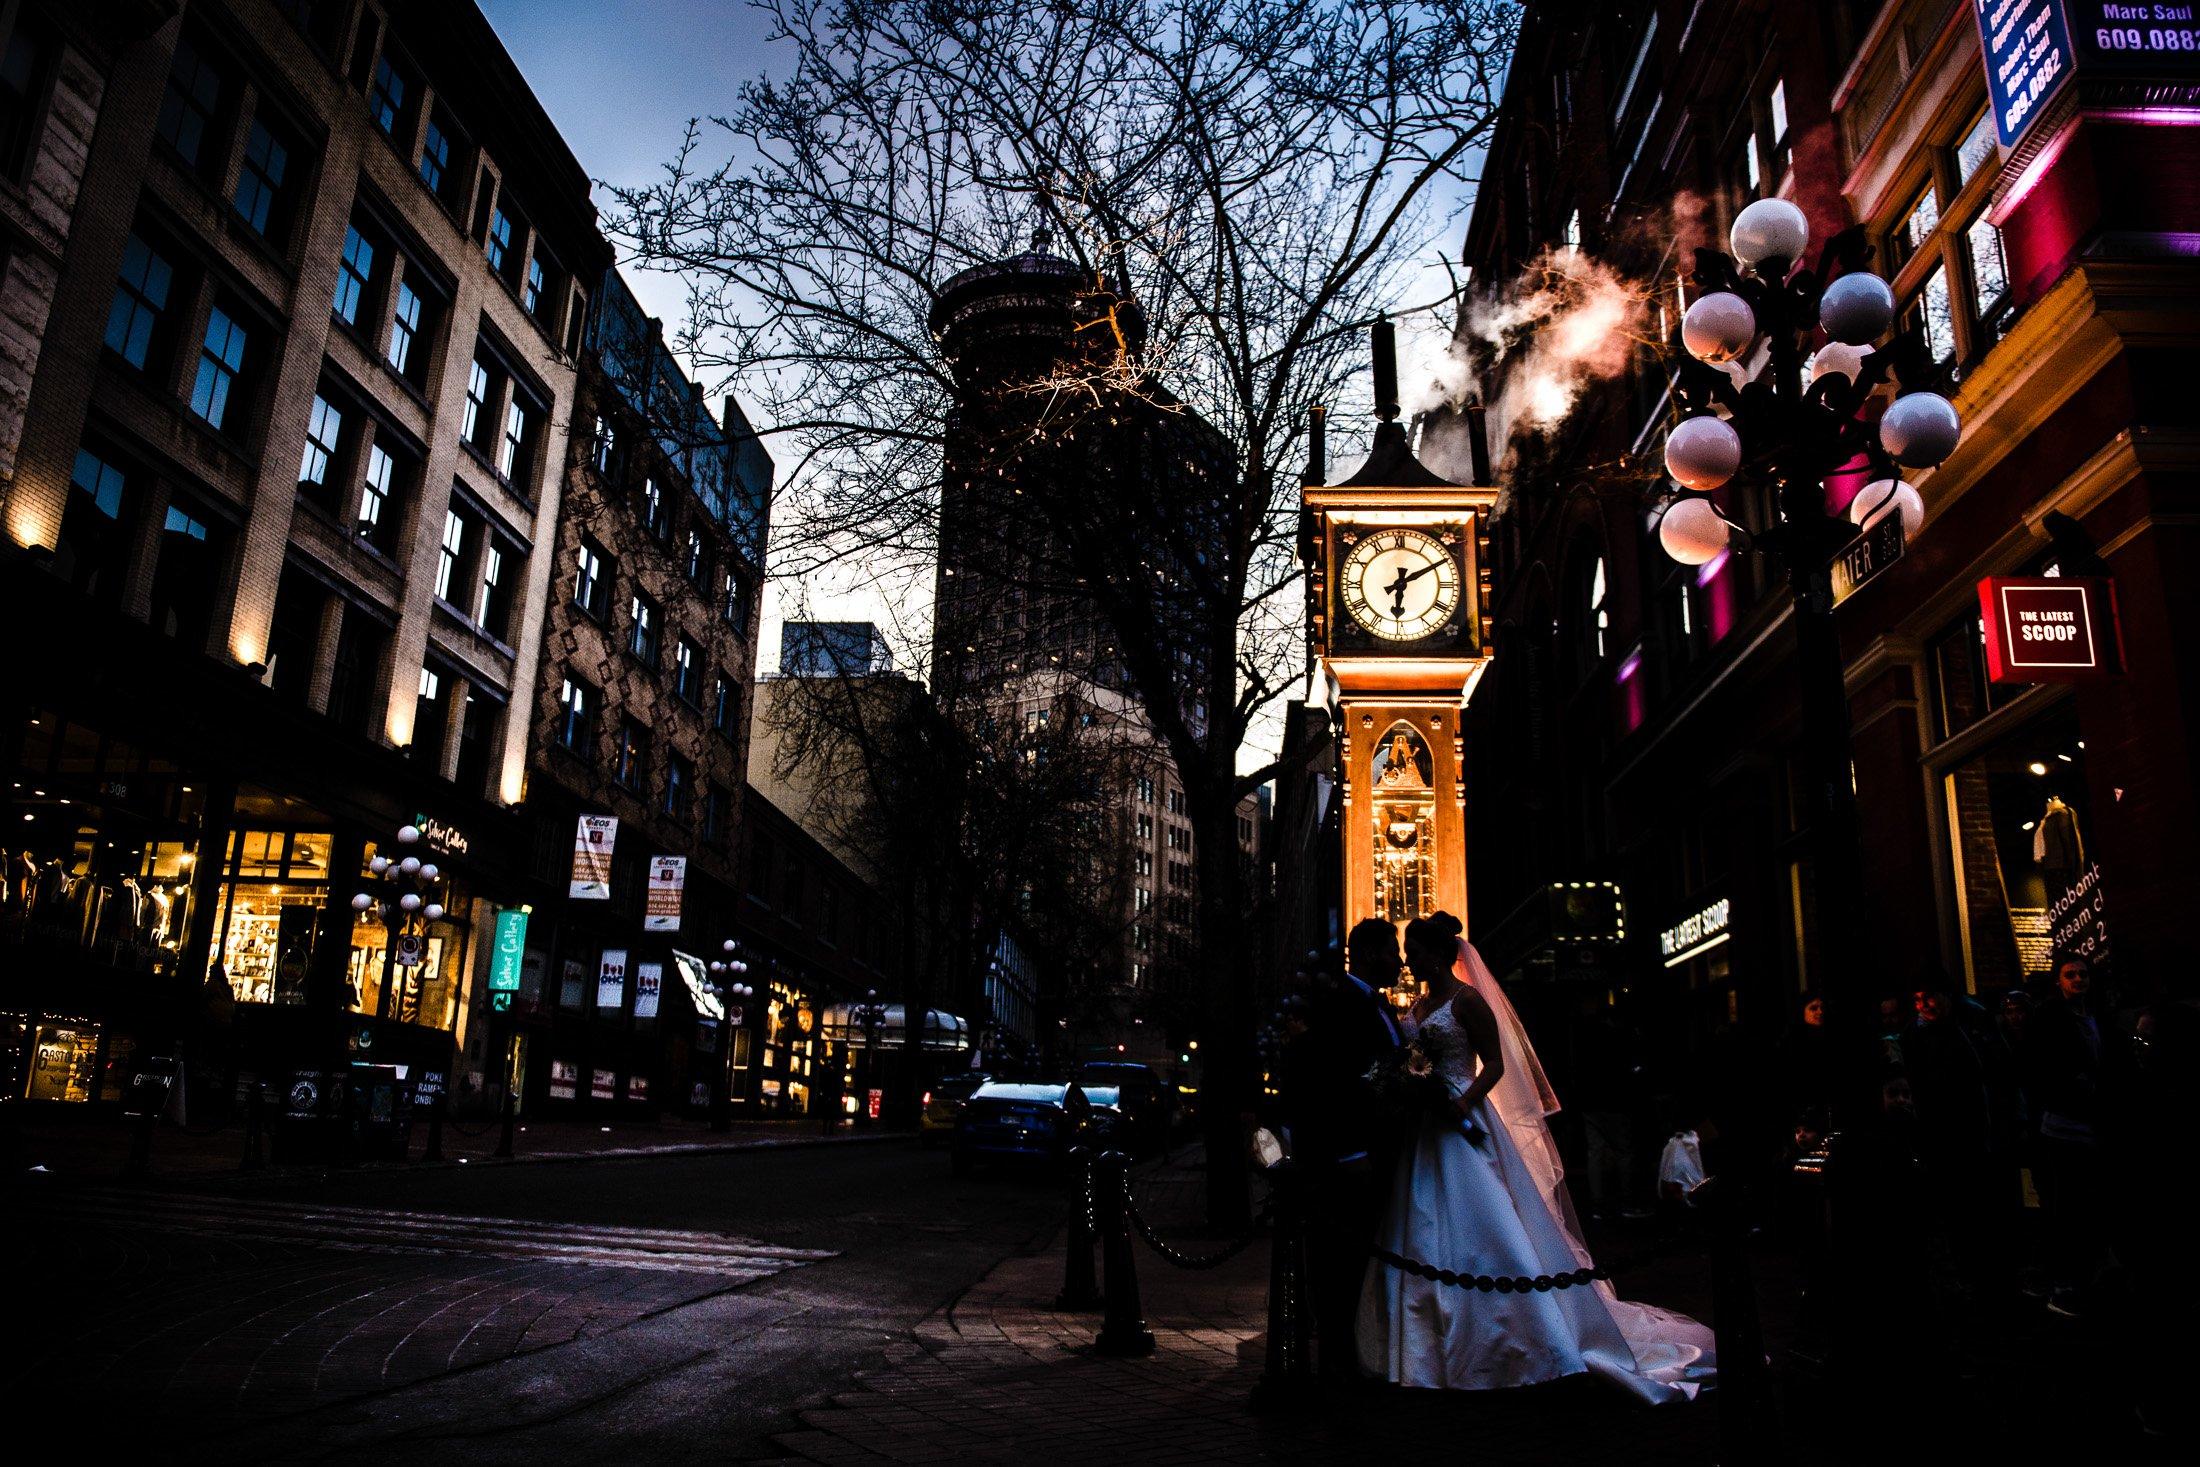 029 - gastown night wedding photo